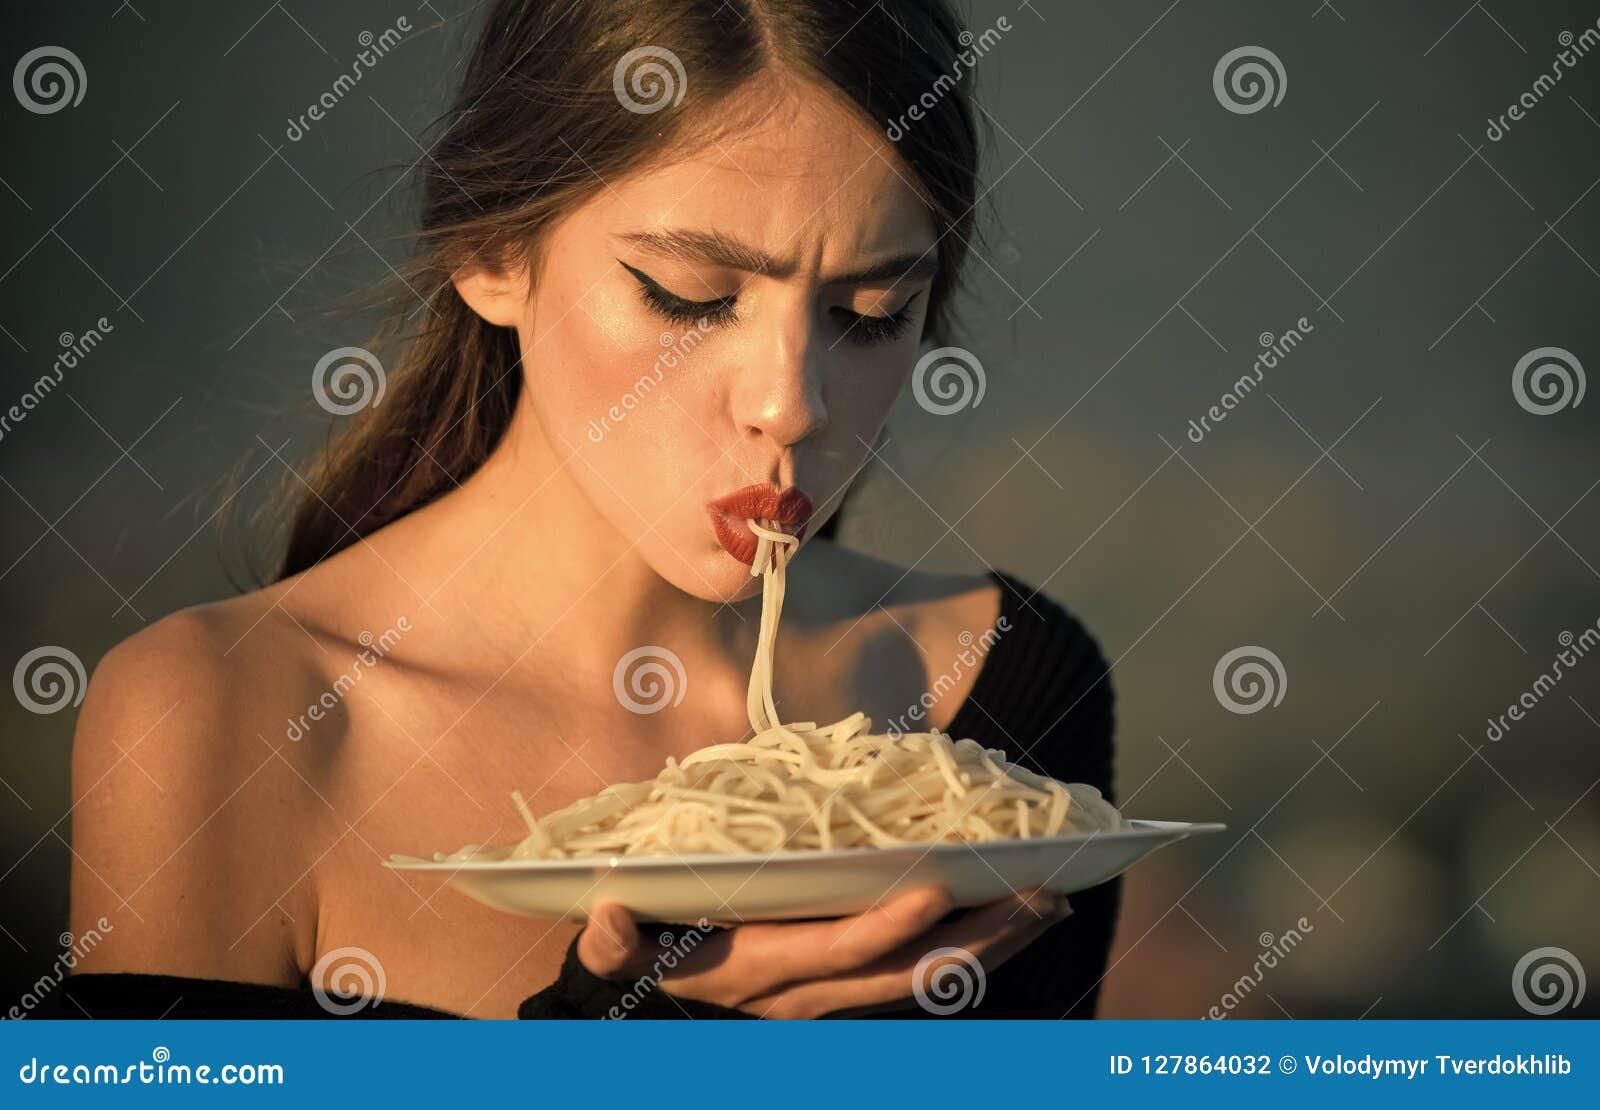 Banta och sund organisk mat, Italien Kockkvinnan med röda kanter äter pasta Hunger aptit, recept äta pastakvinnan